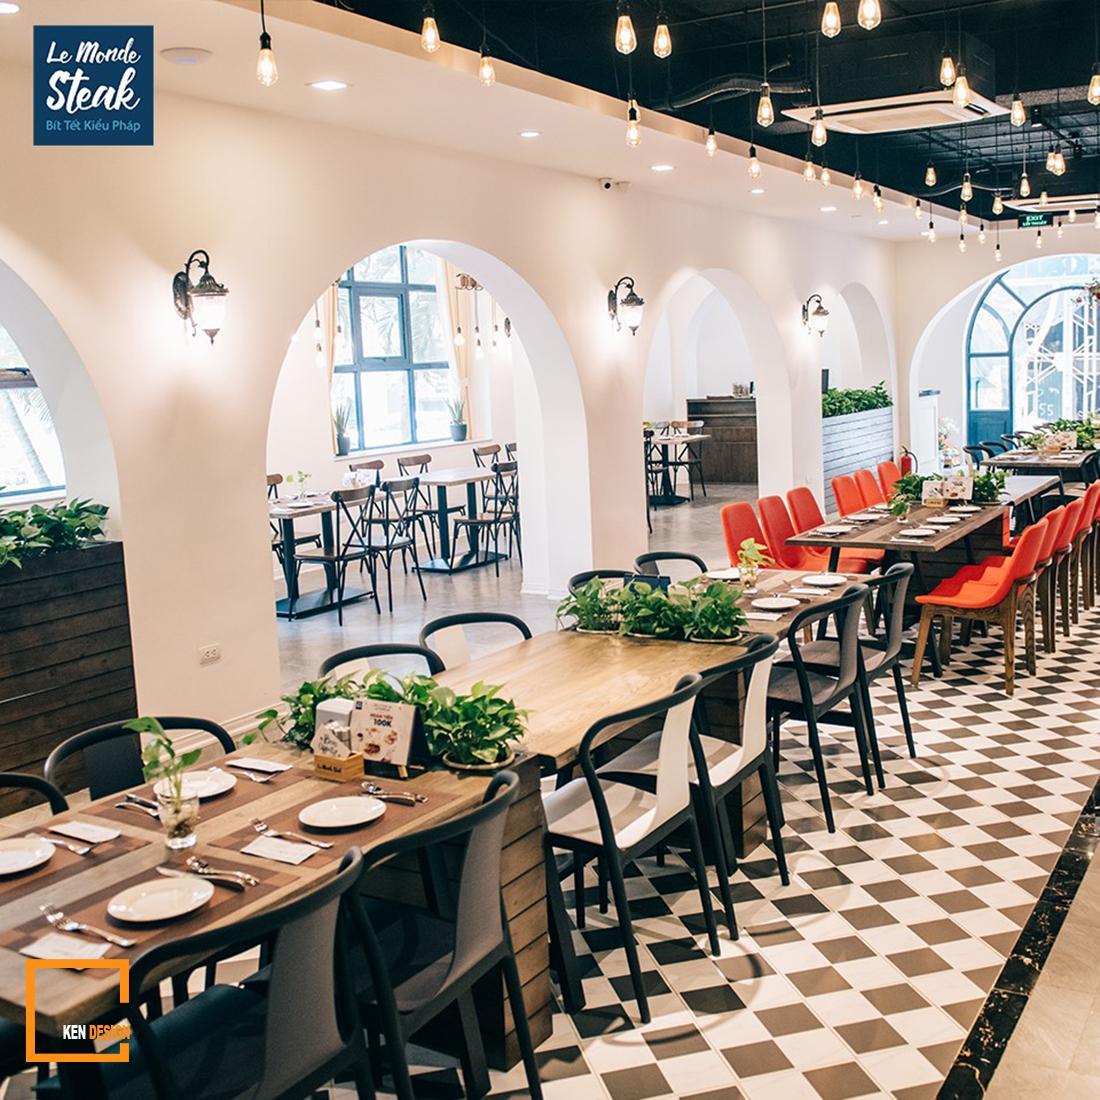 Ngắm nhìn 4 mẫu thiết kế nhà hàng bít tết của KenDesign